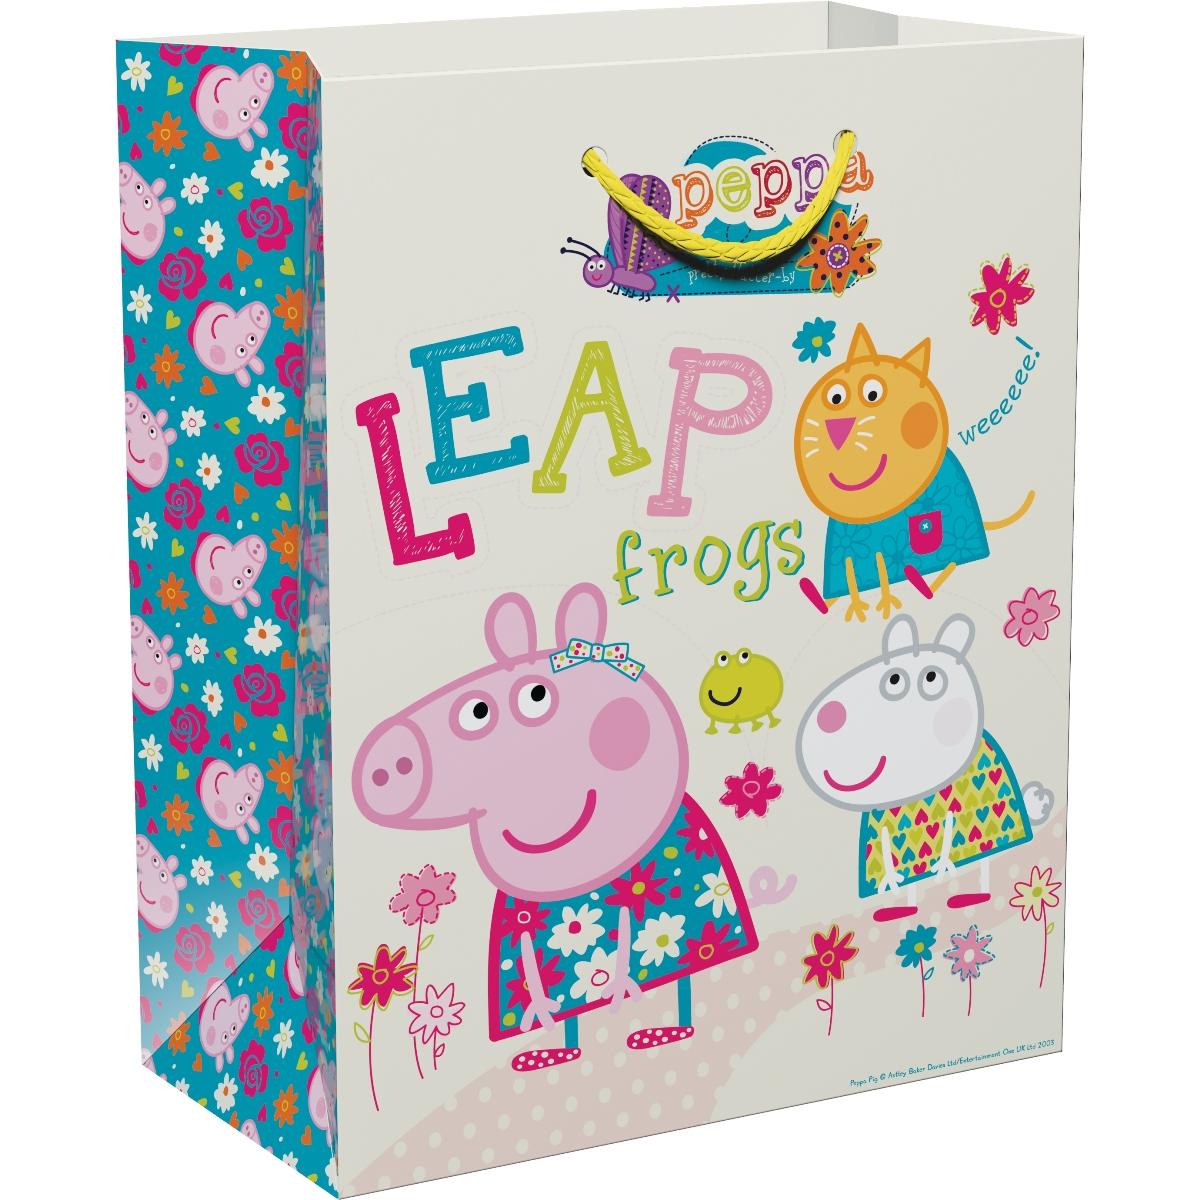 Peppa Pig Пакет подарочный Весна Пеппы 23 х 18 х 10 см peppa pig пакет подарочный пеппа и сьюзи 35 х 25 х 9 см